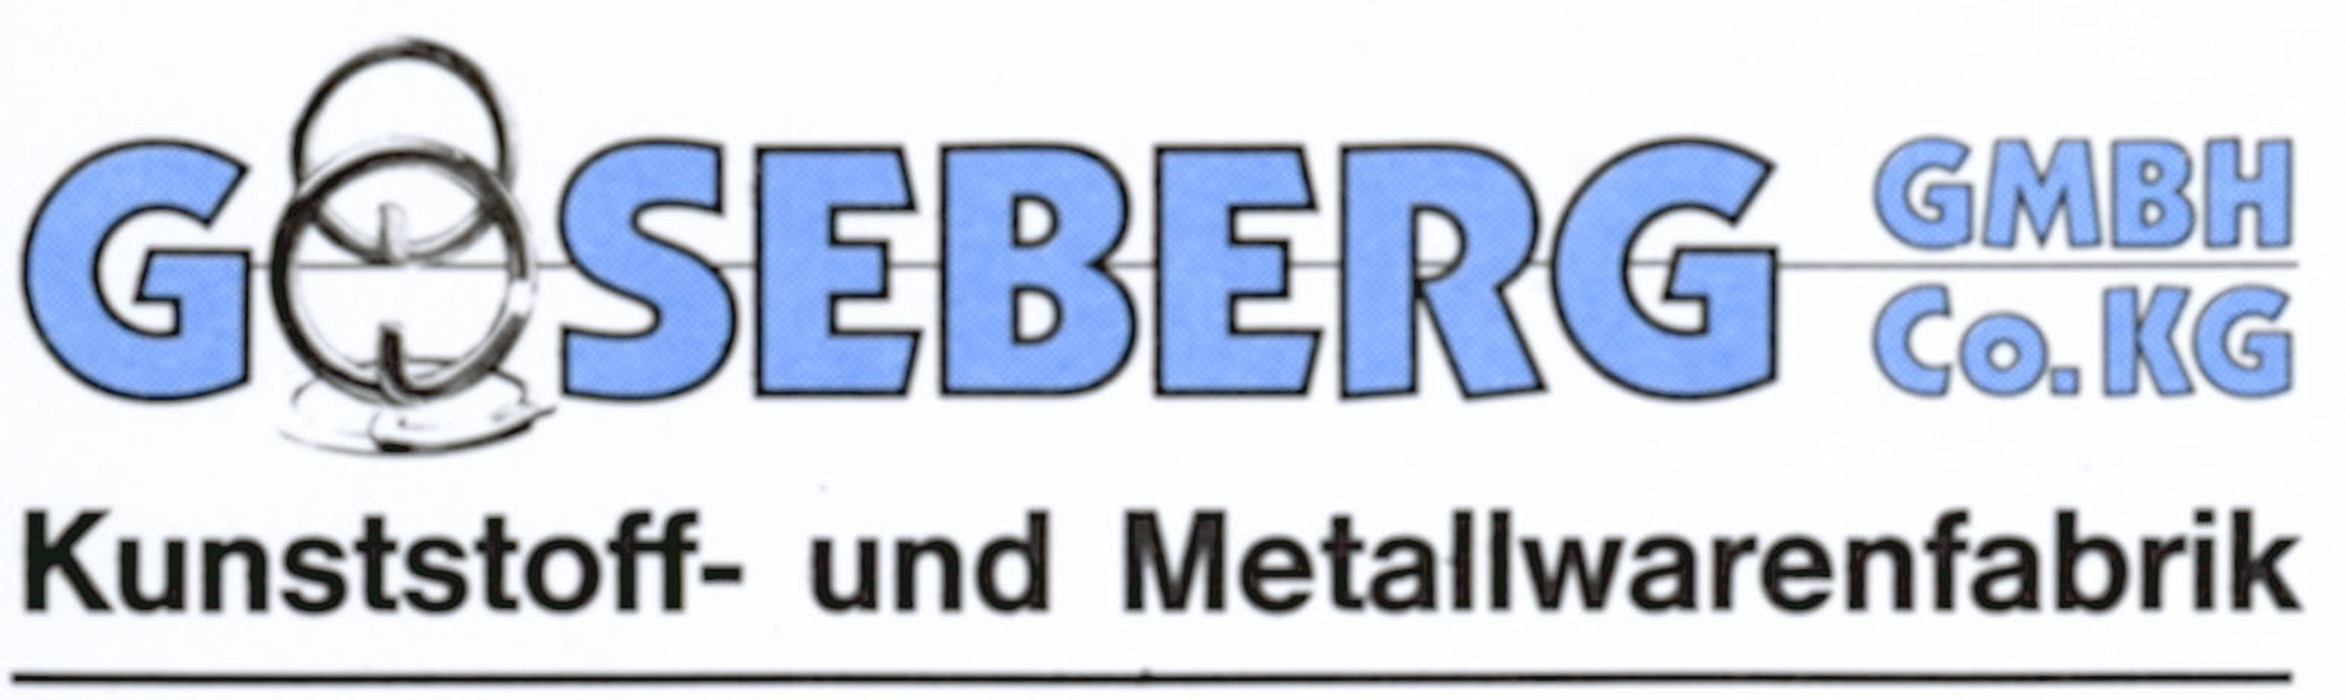 Bild zu Goseberg GmbH & Co.KG in Kierspe